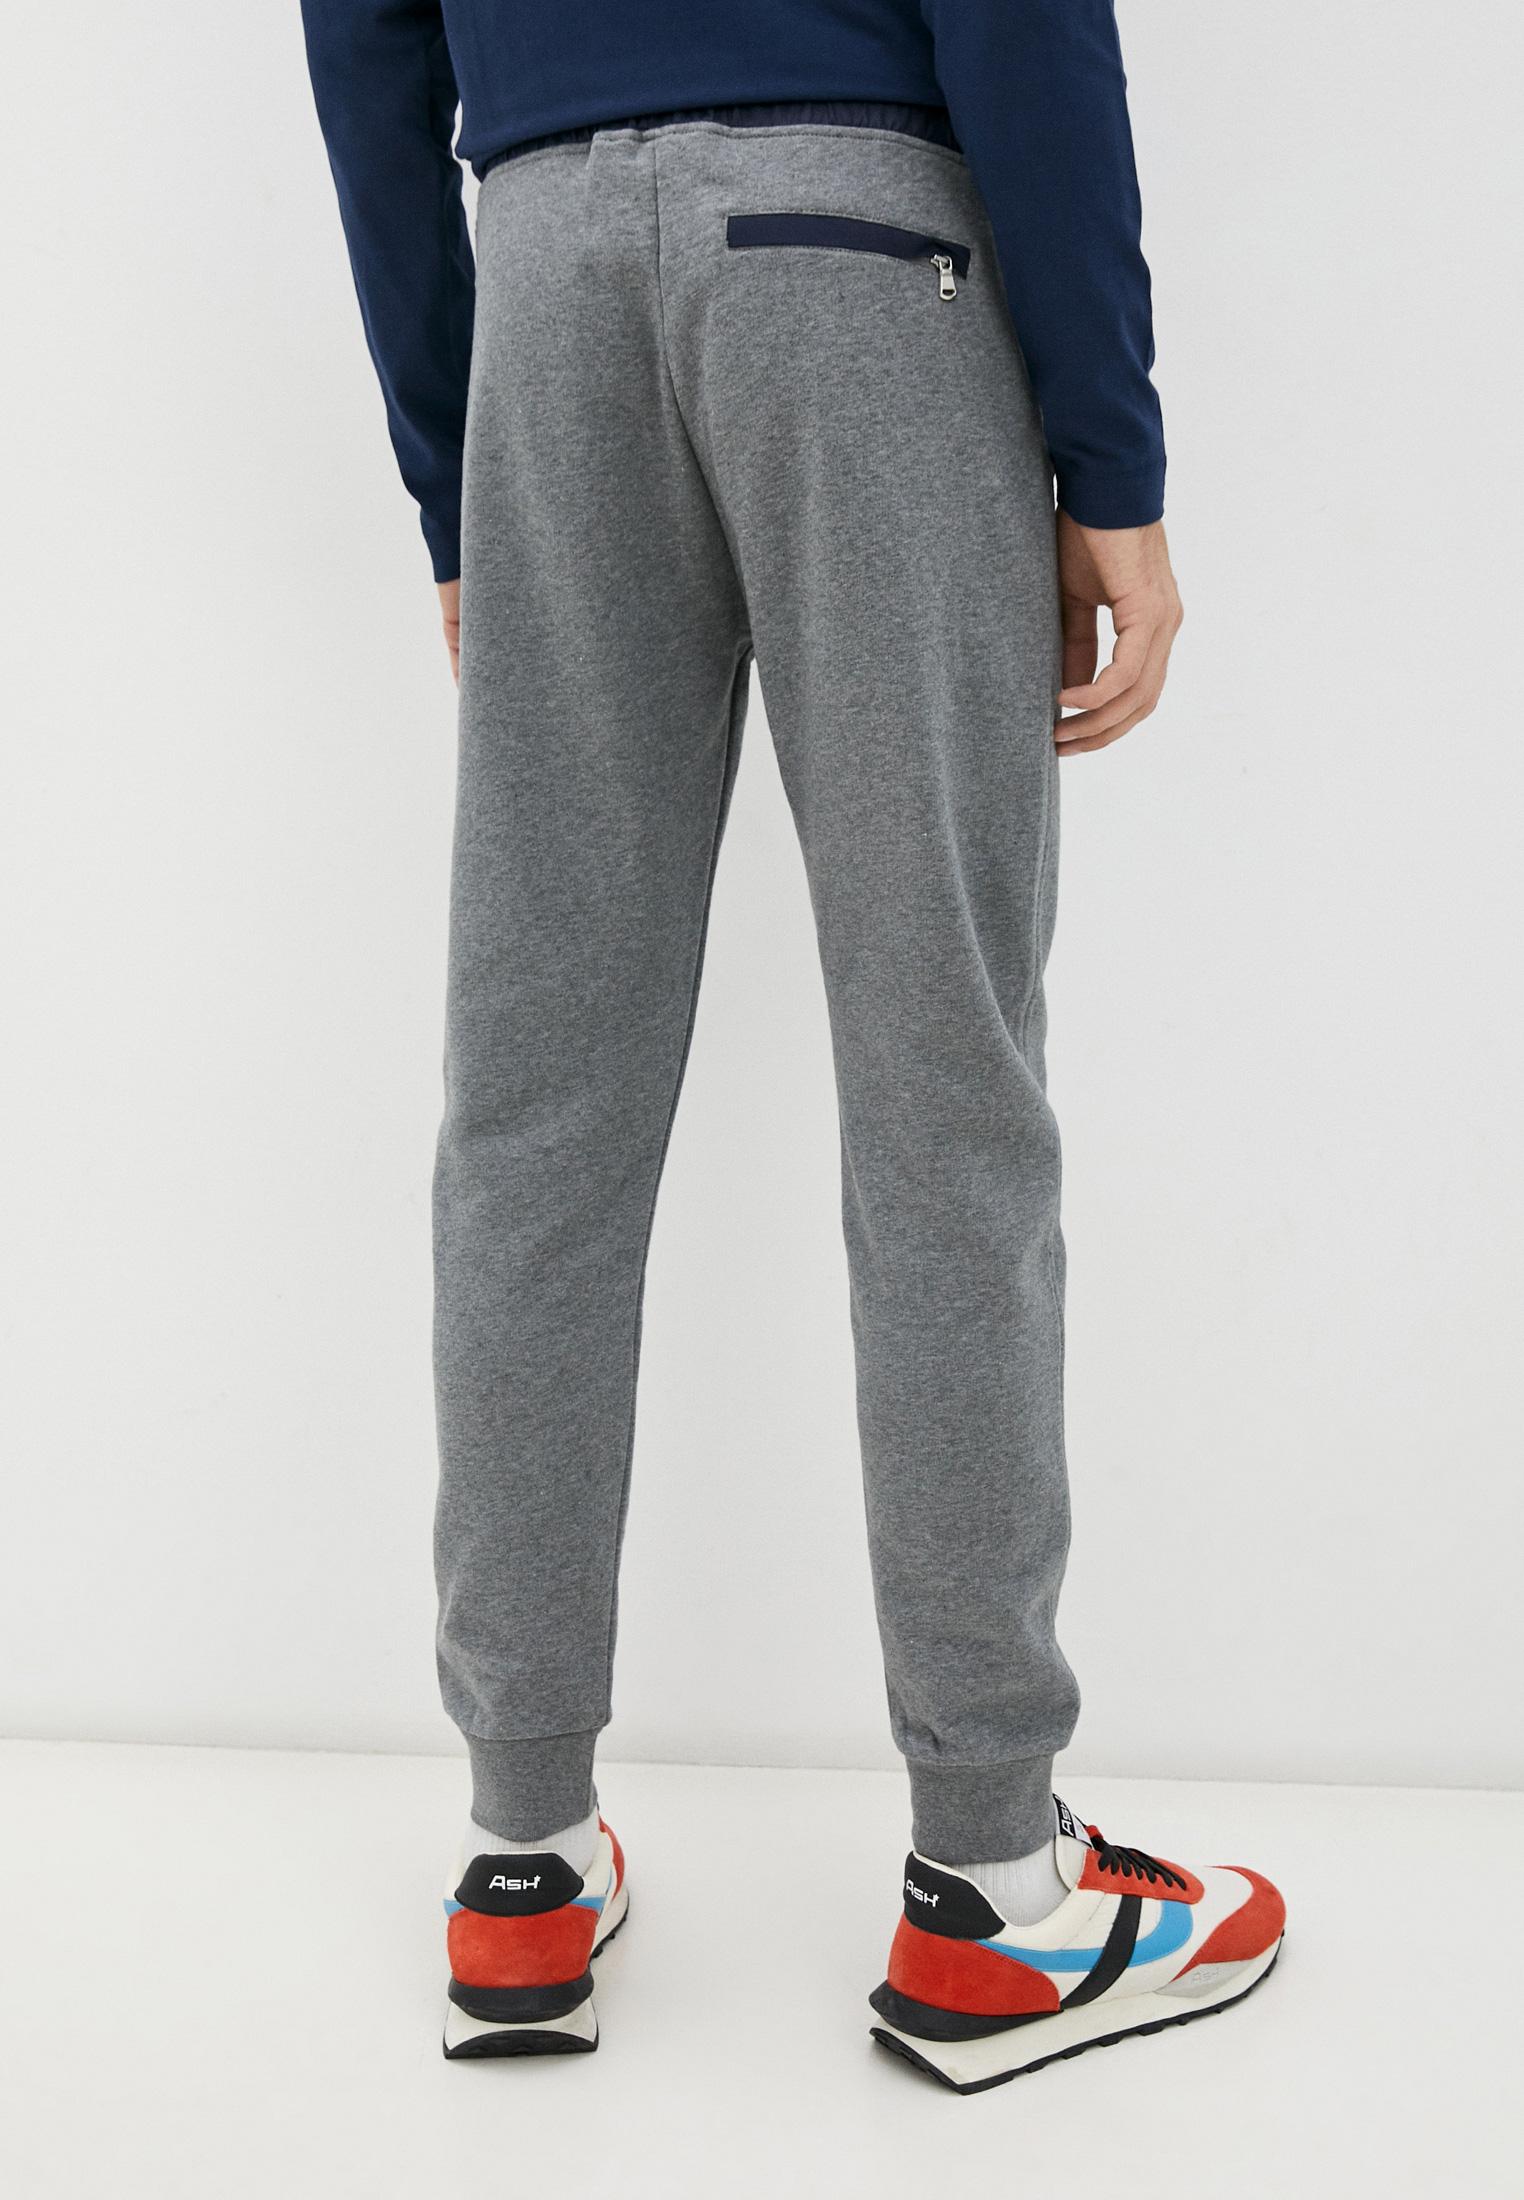 Мужские спортивные брюки Bikkembergs (Биккембергс) C 1 013 80 M 3806: изображение 4